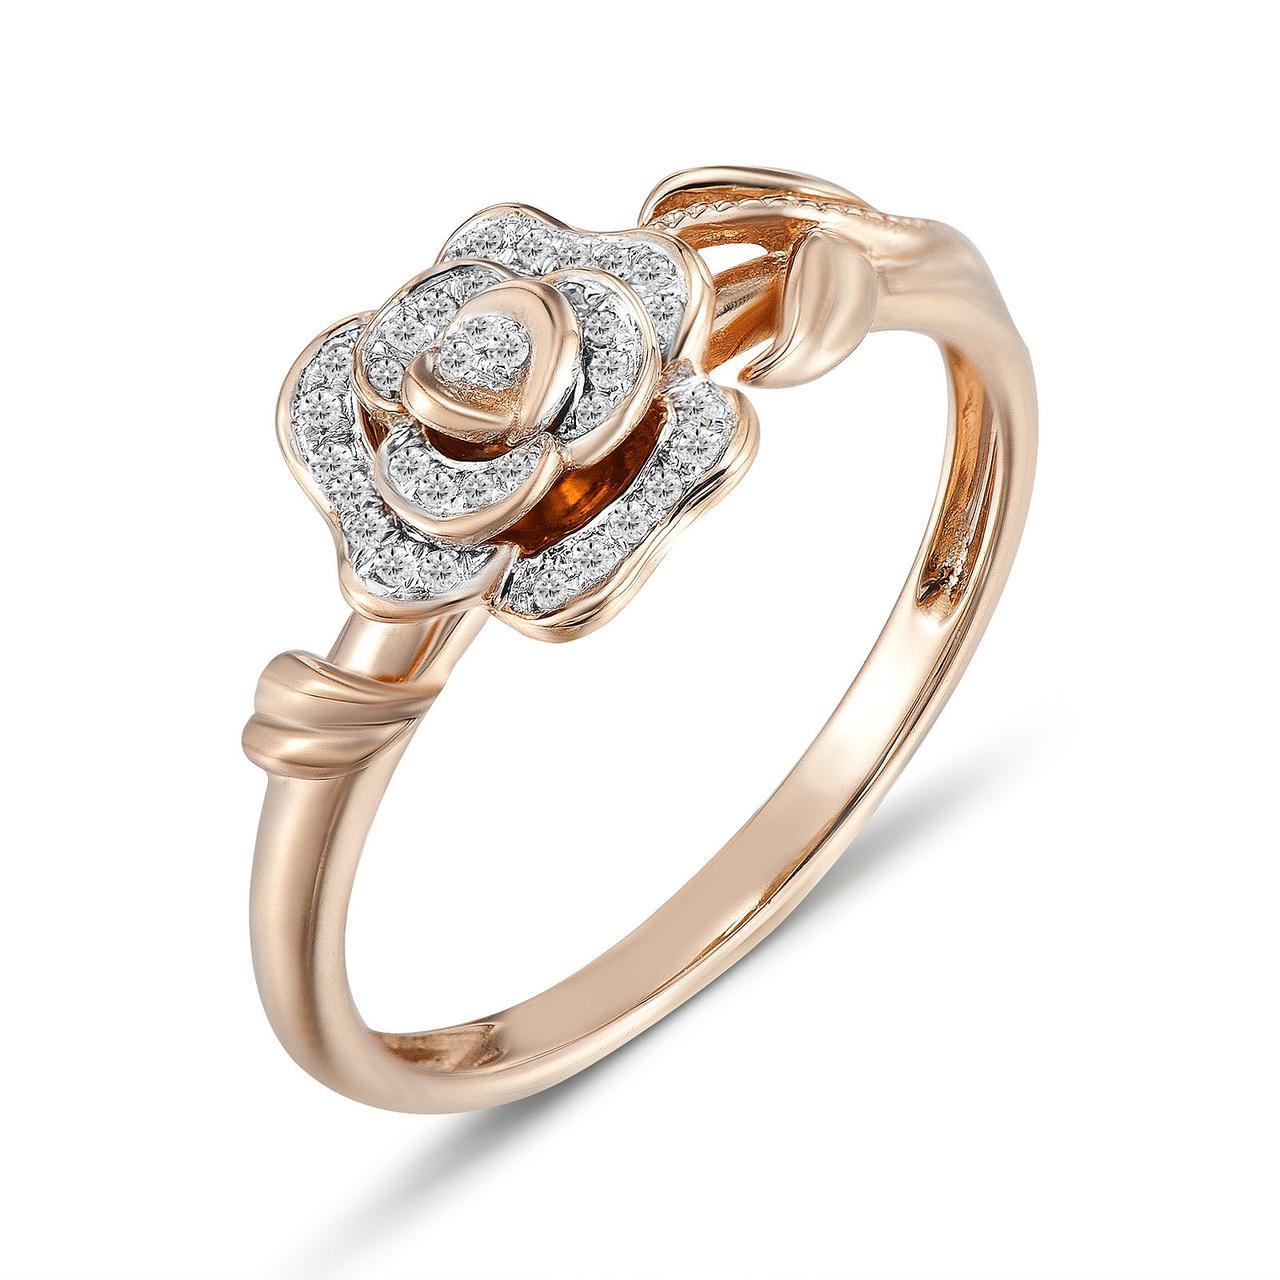 Кольцо из красного золота с бриллиантами, размер 15.5 (1550953) да, 2.4, 0.086, Бриллиант, 3, 4, 35, Золото 585°, 16, Гонконг, круг, белый, Красный